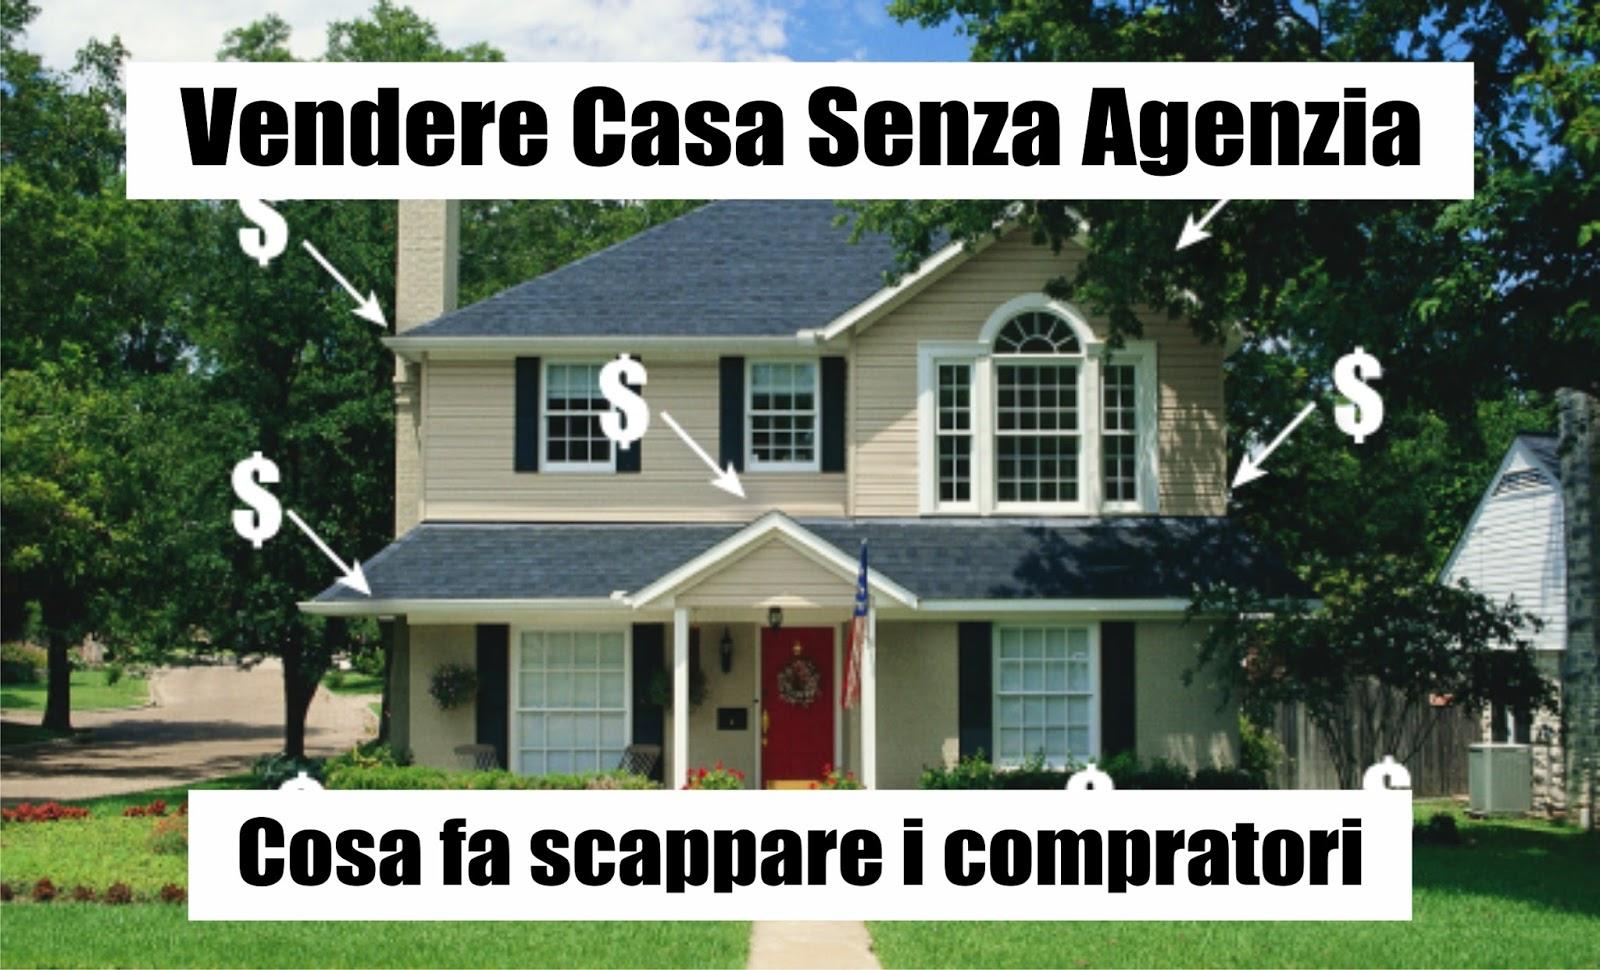 Come vendere casa senza agenzie ecco cosa fa scappare i - Vendere casa popolare riscattata ...